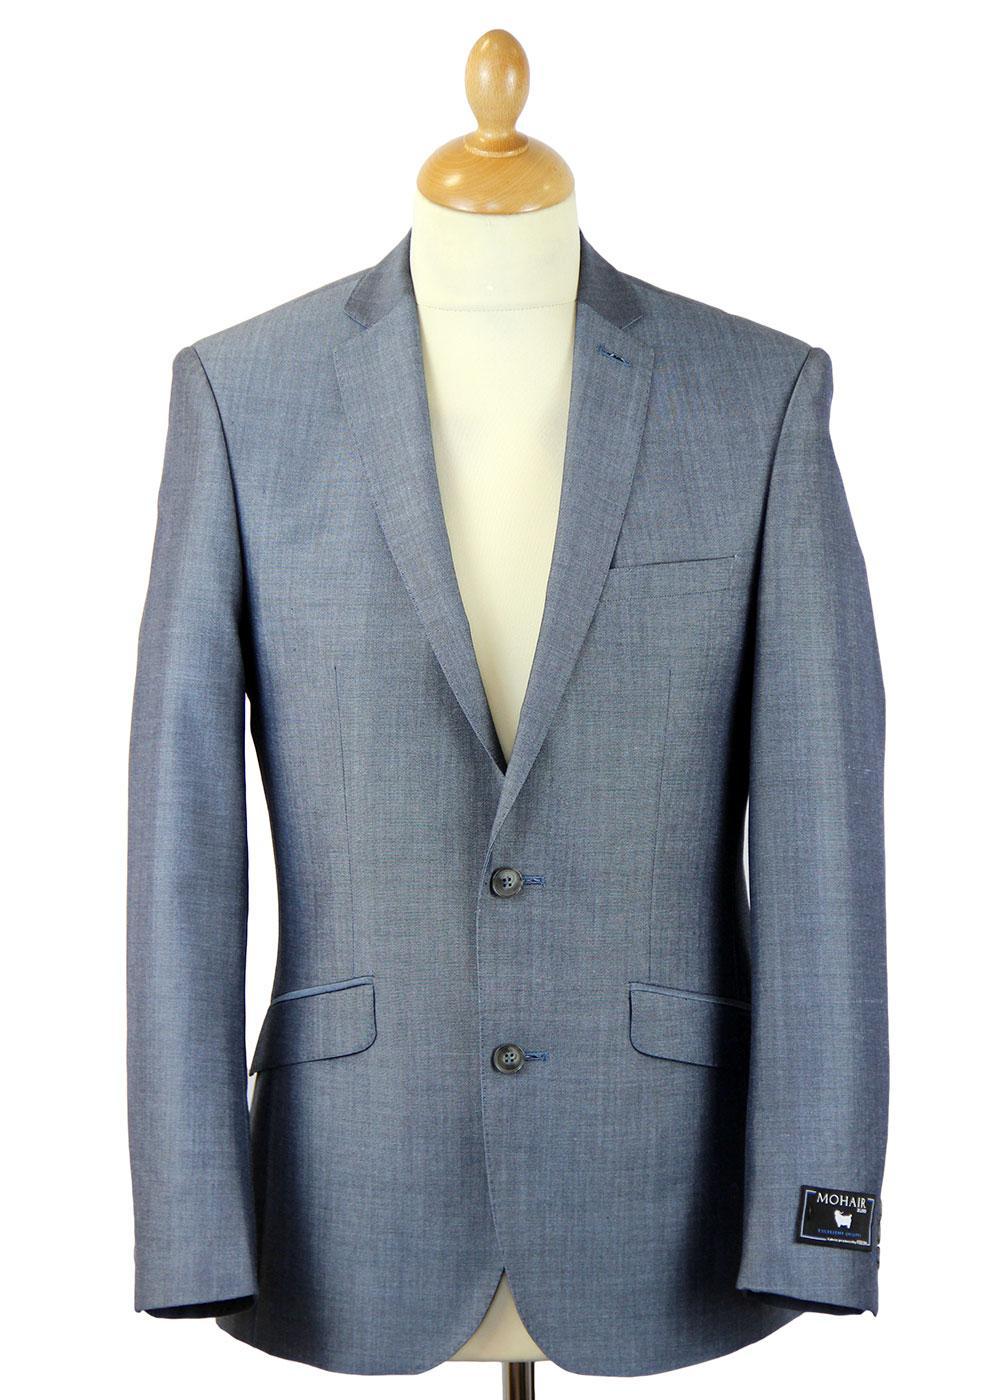 Retro Mod 2 Button Mohair Blend Suit Jacket (LB)